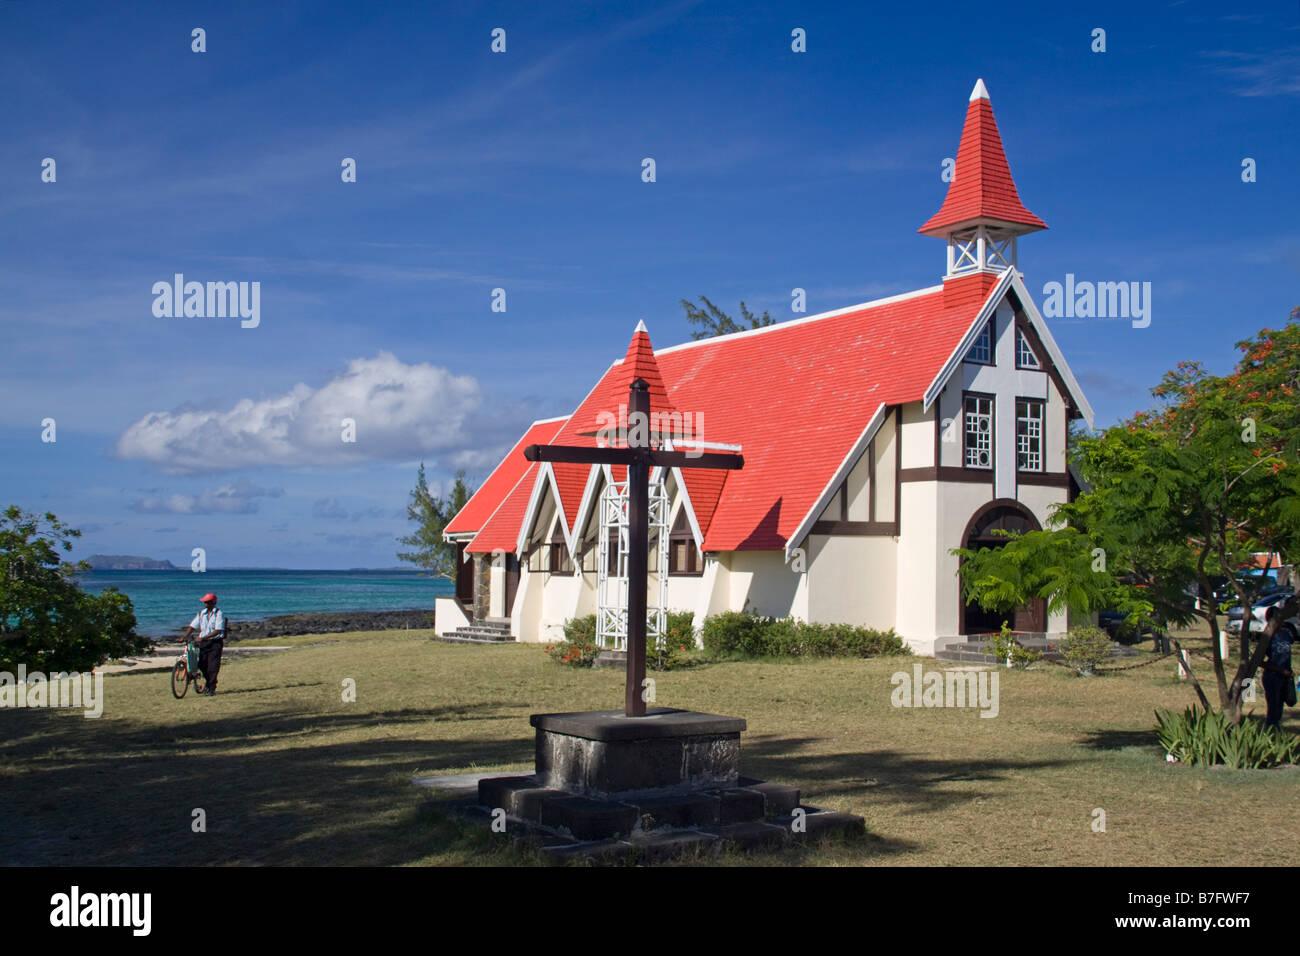 Eglise de Cap Malheureux Mauritius Africa - Stock Image